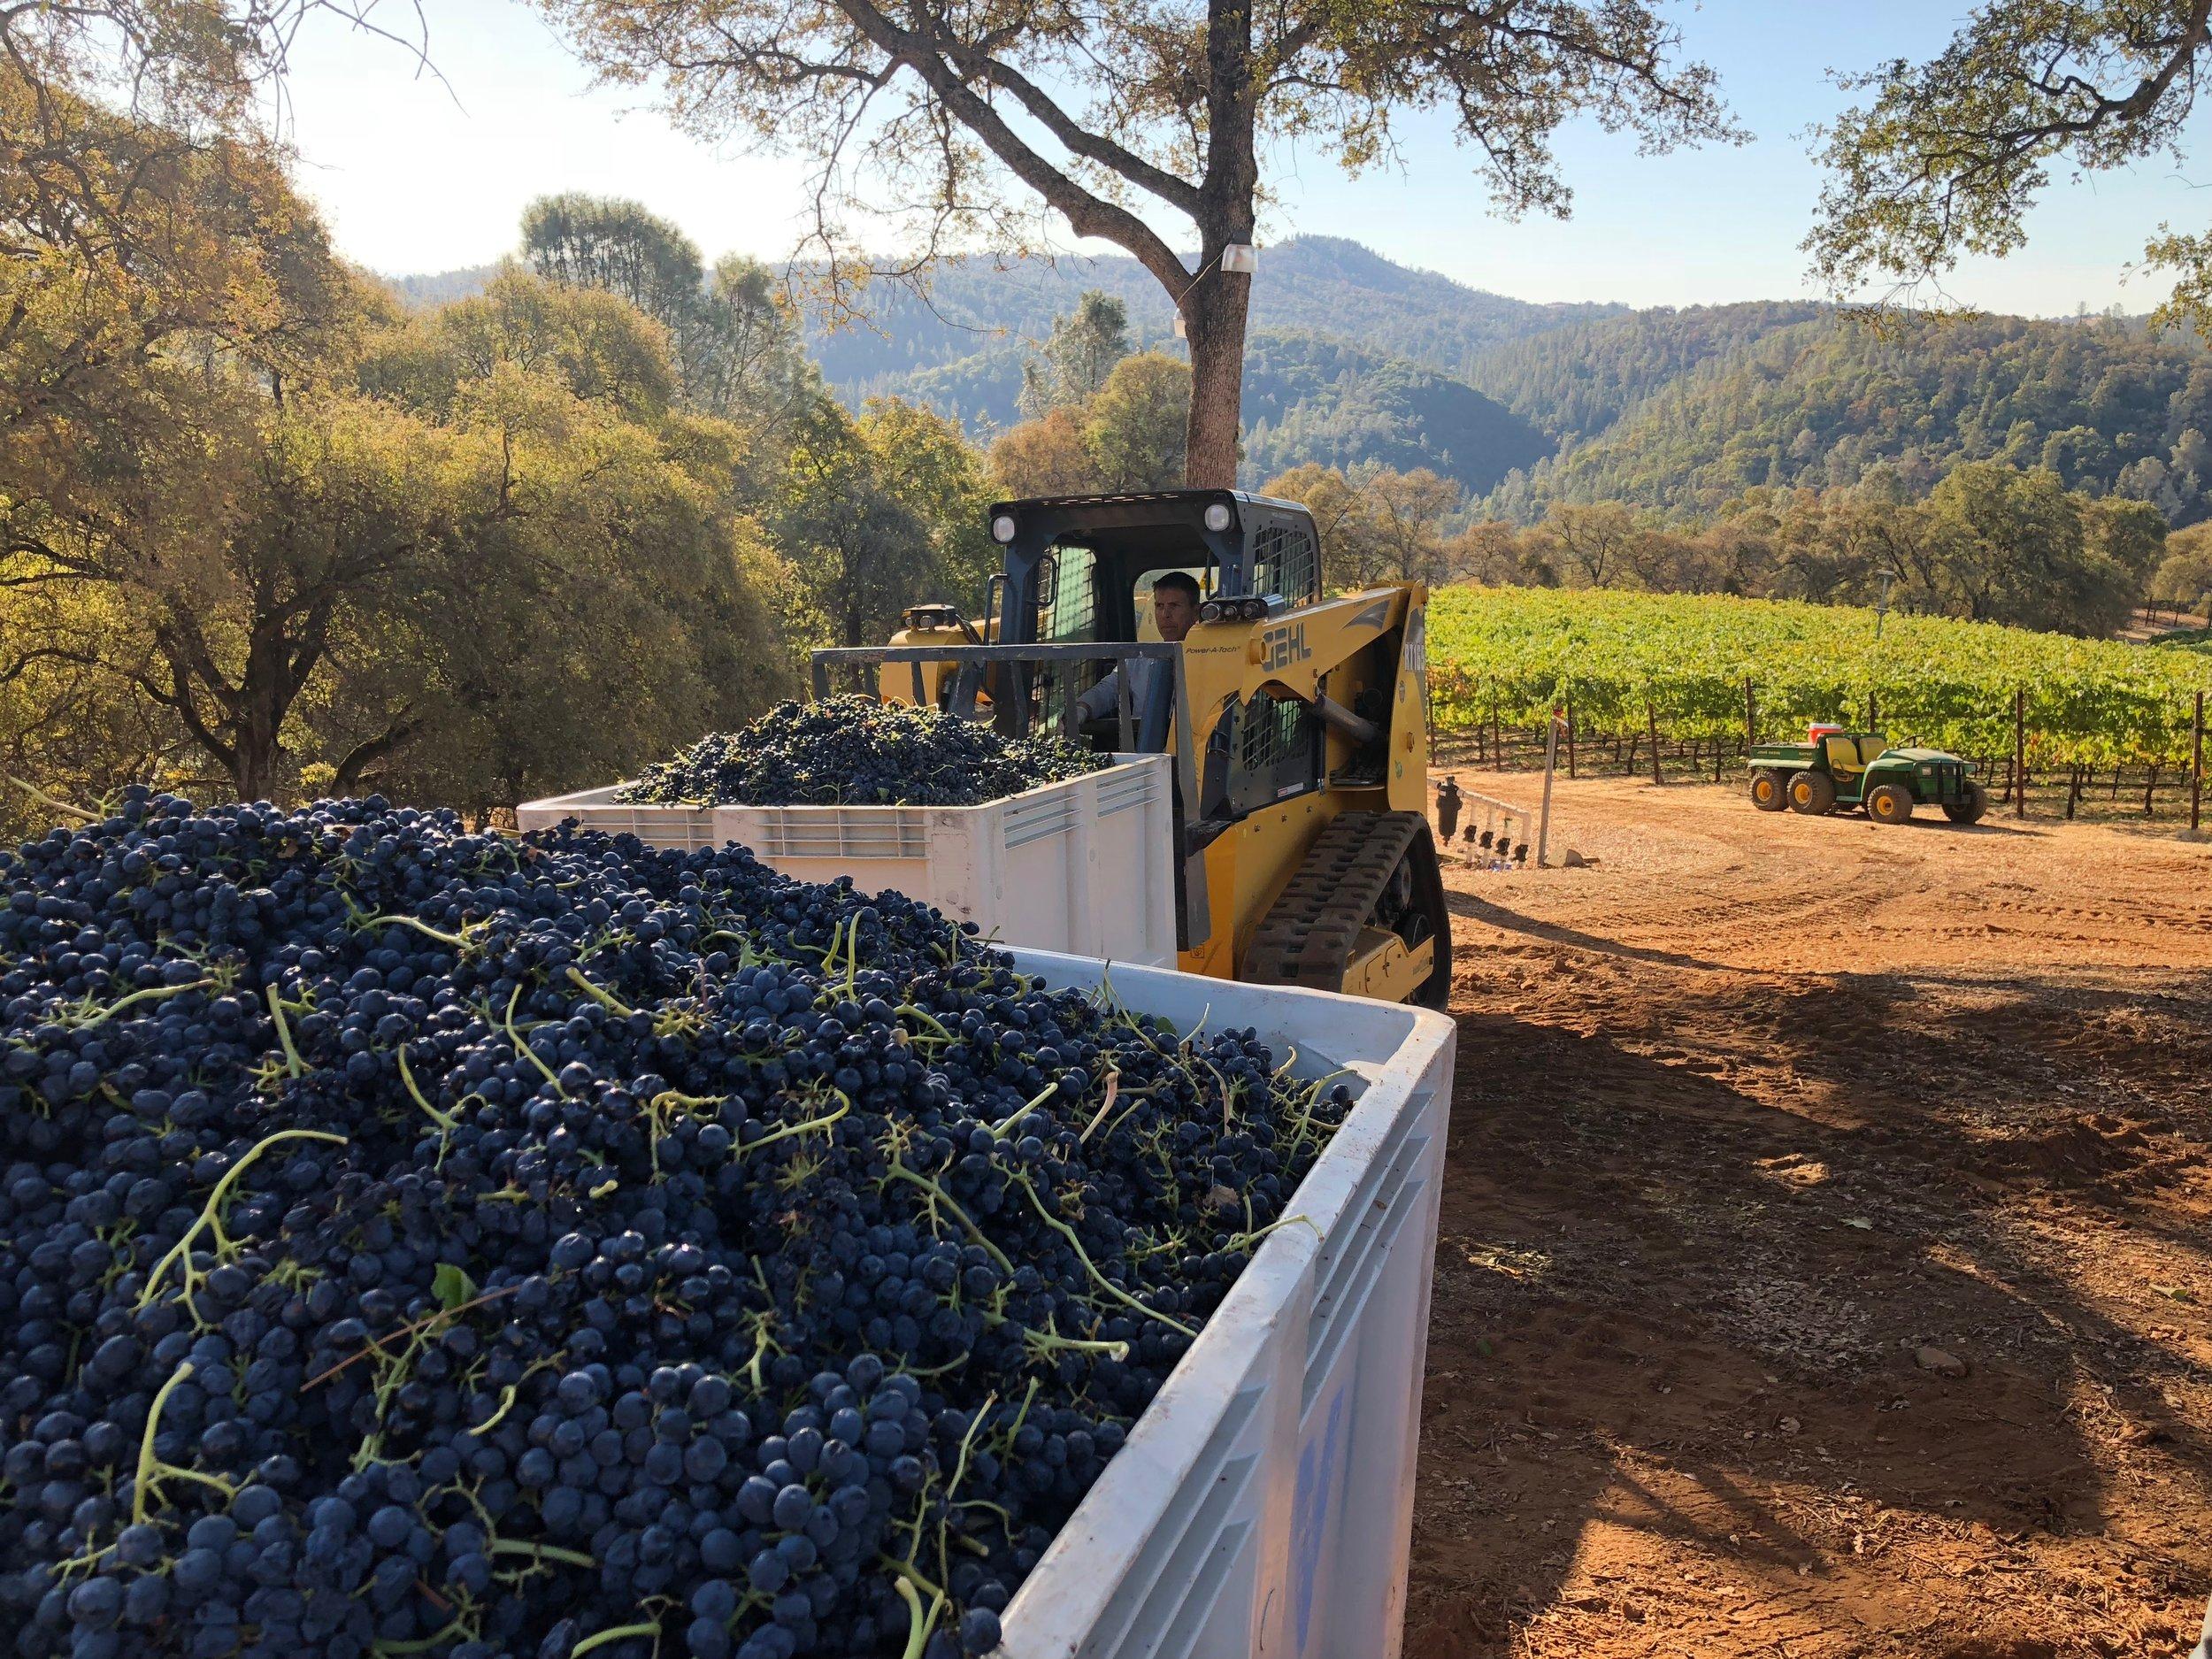 Harvest in full swing!